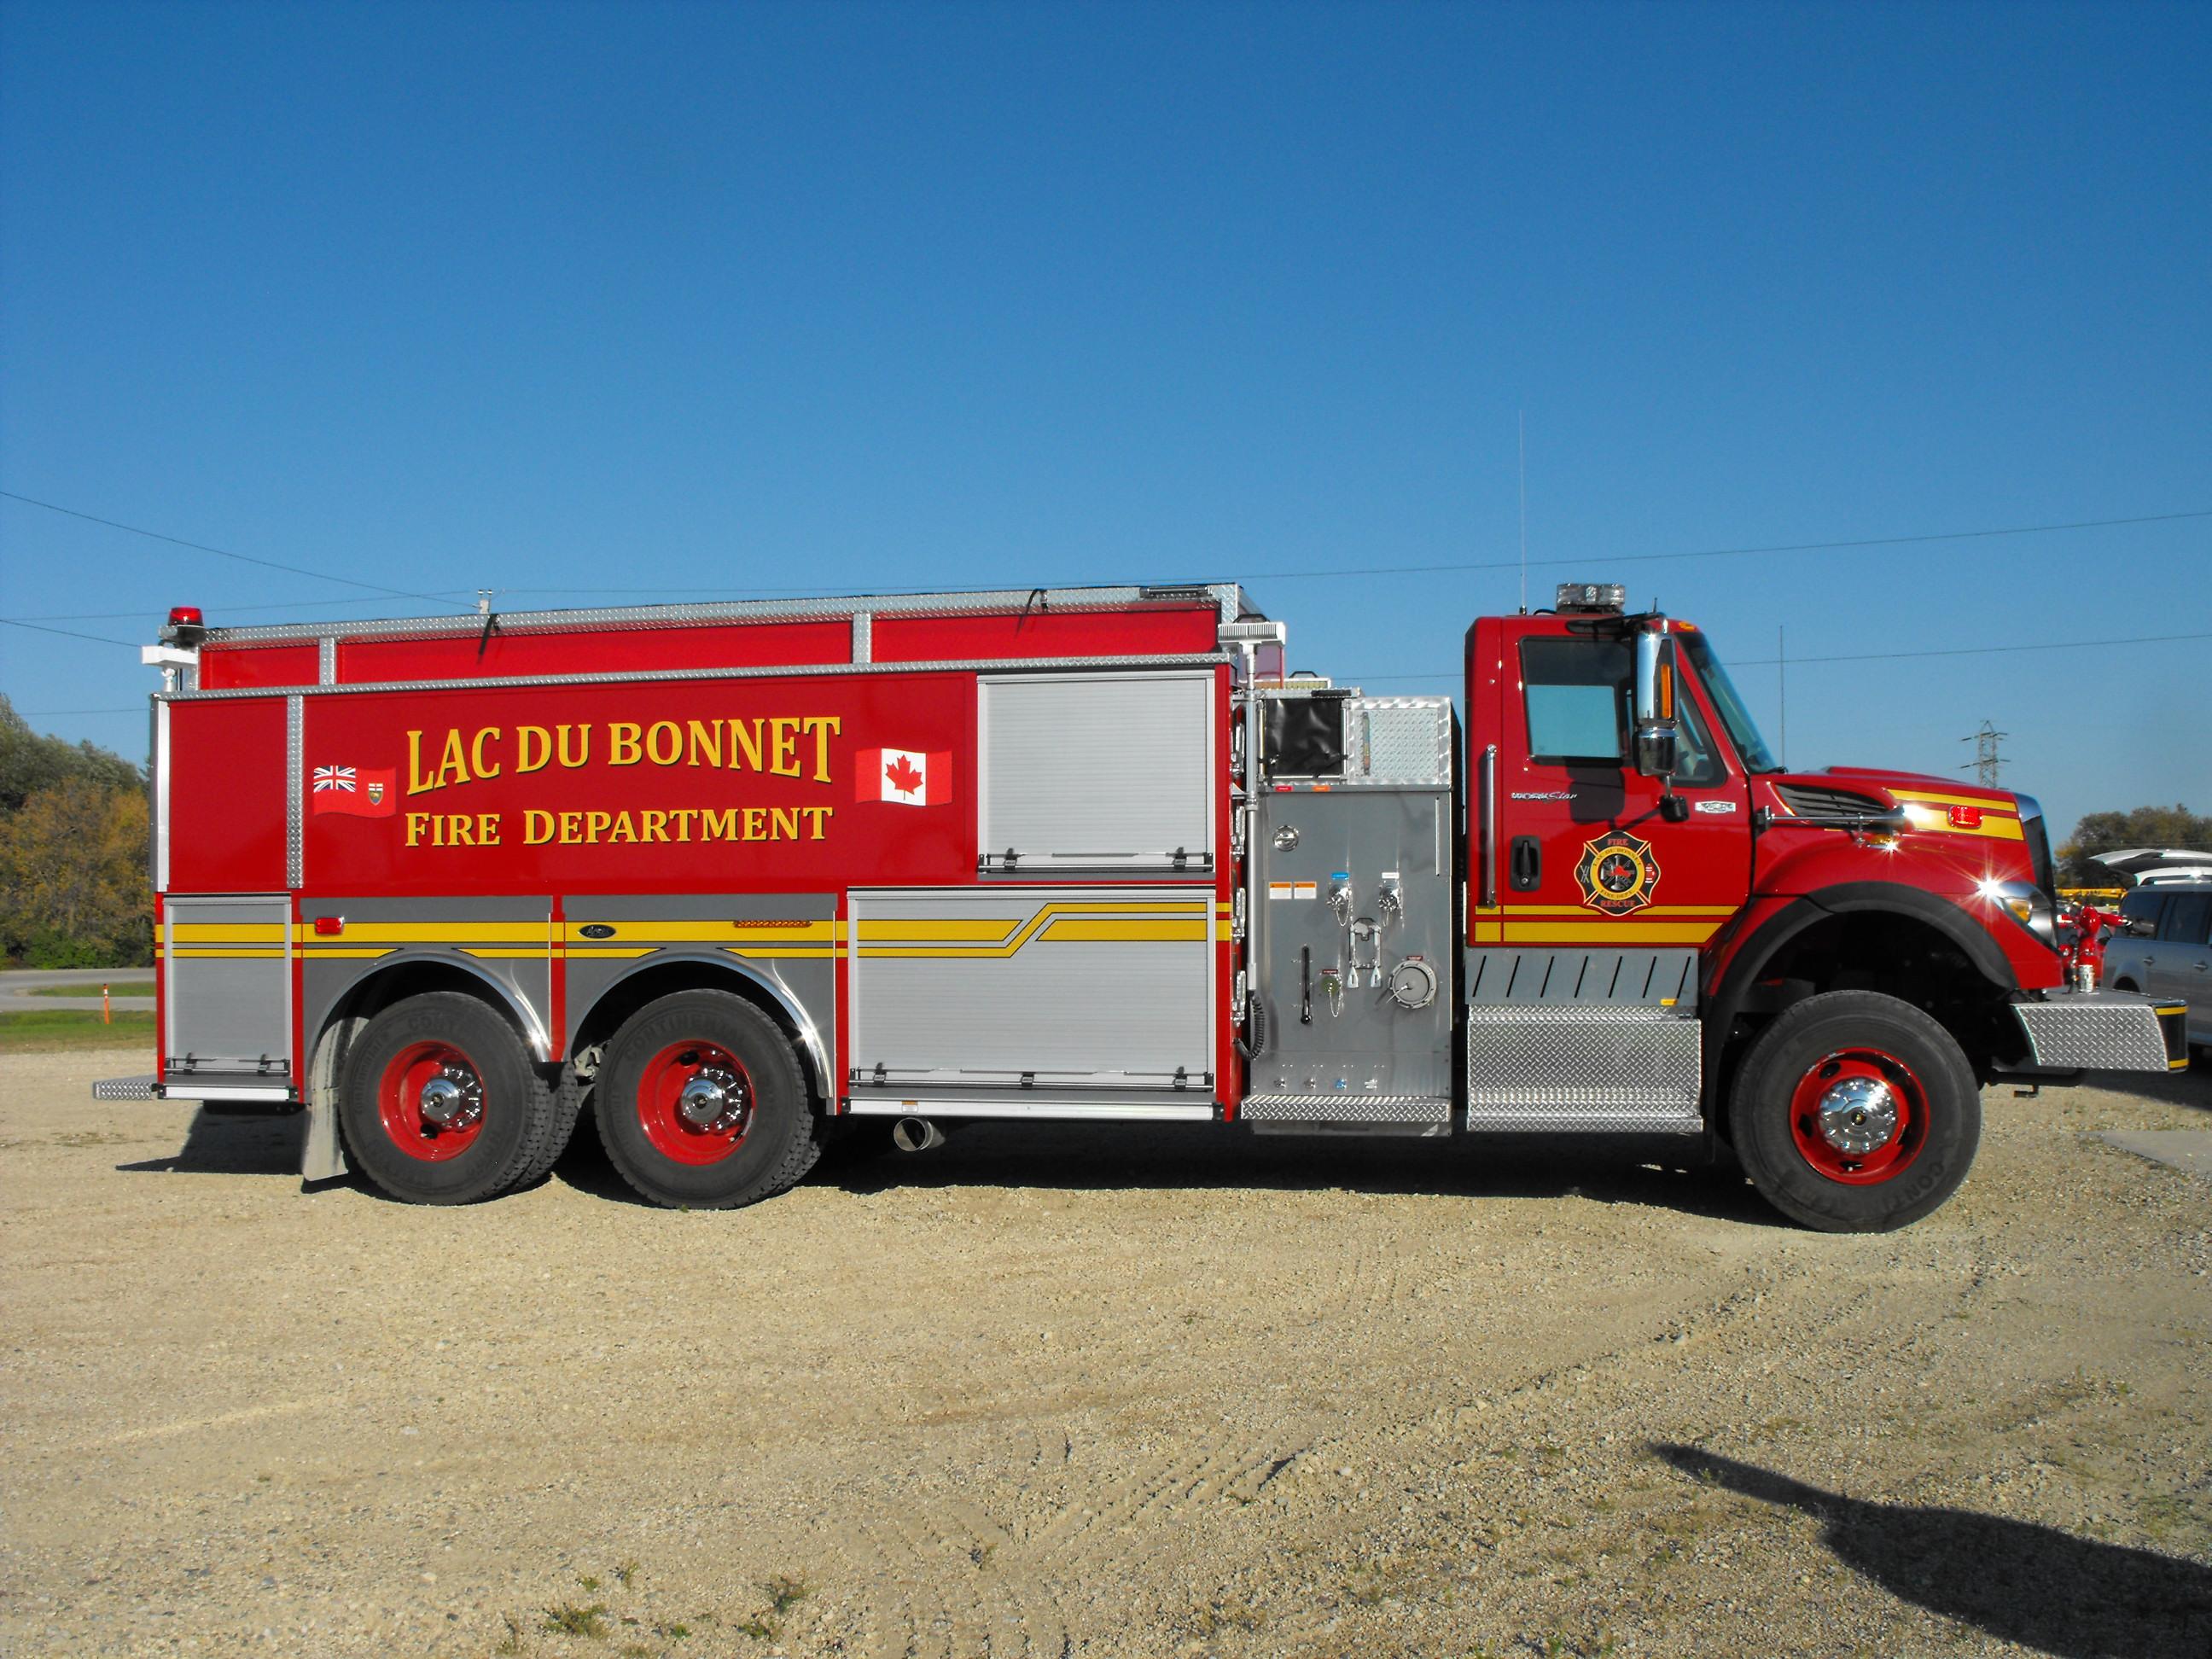 Lac du Bonnet Fire Department